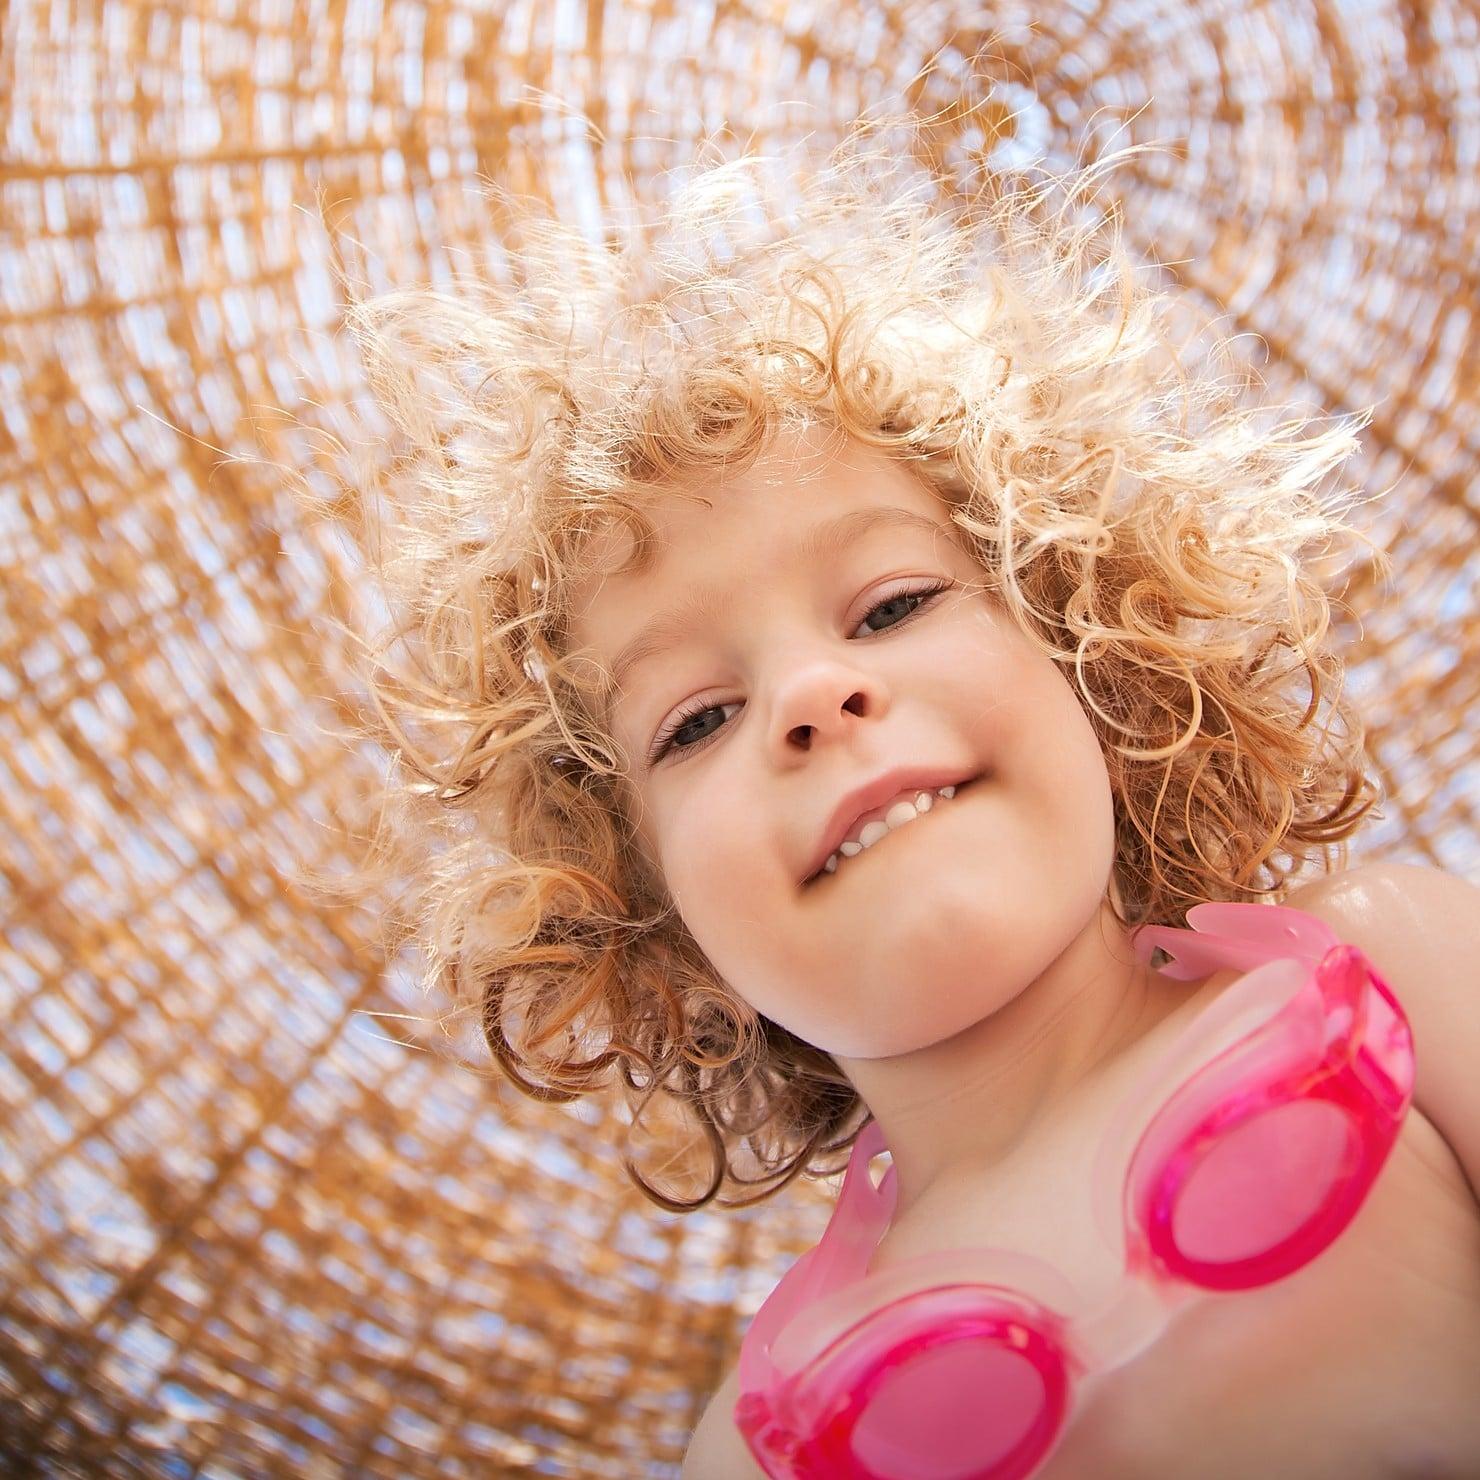 Cours De Natation Enfant Toute L'année Bénéfices Swim Stars